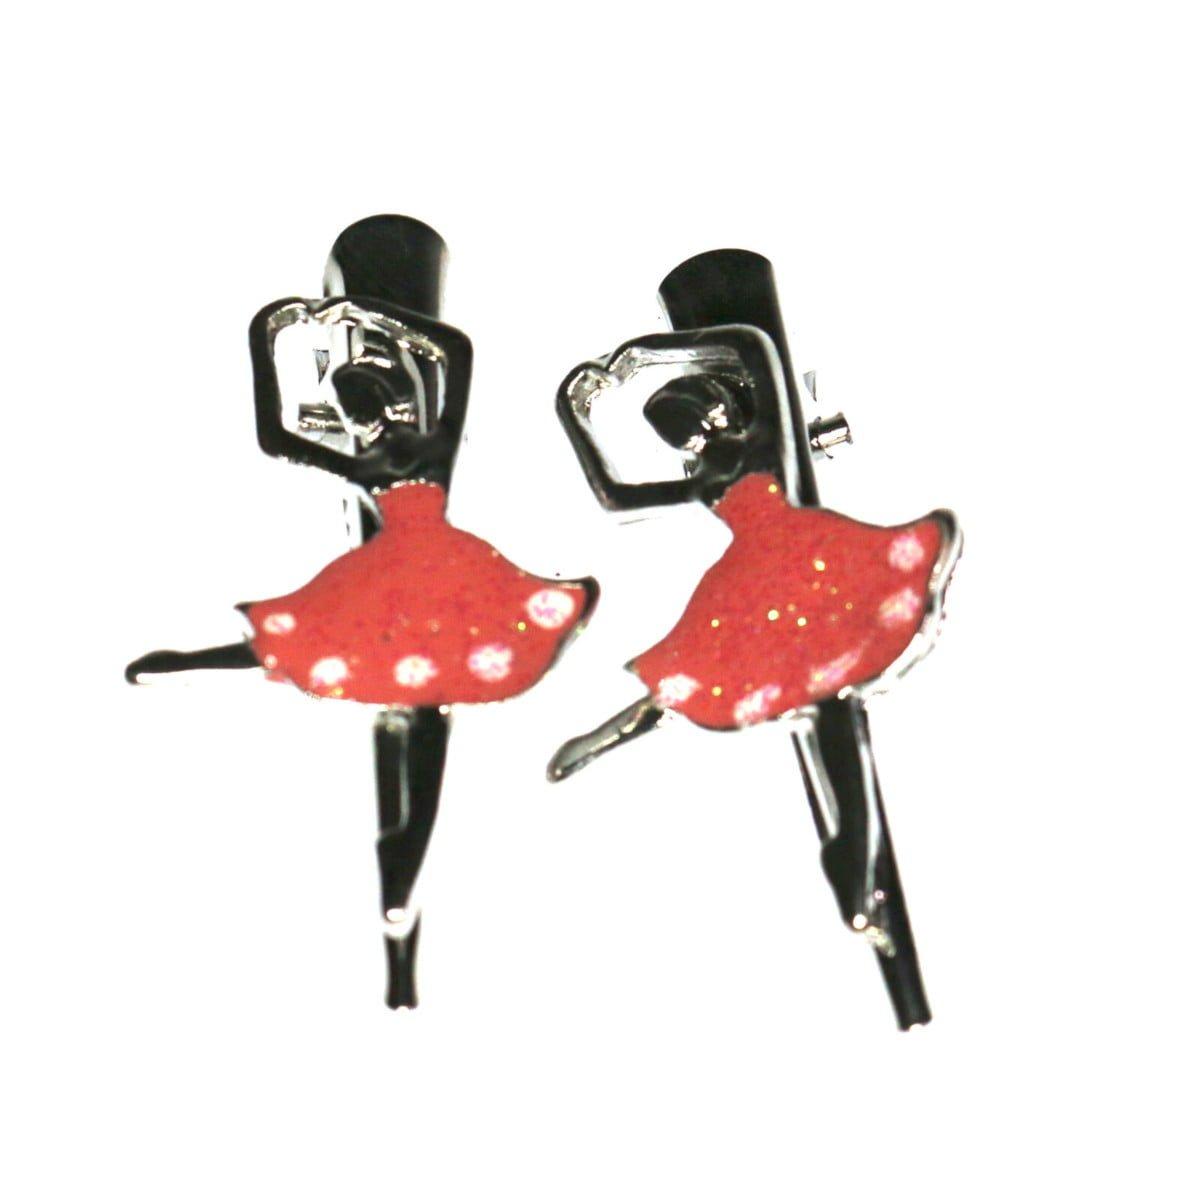 Ballerina hair clip on a beak clip.